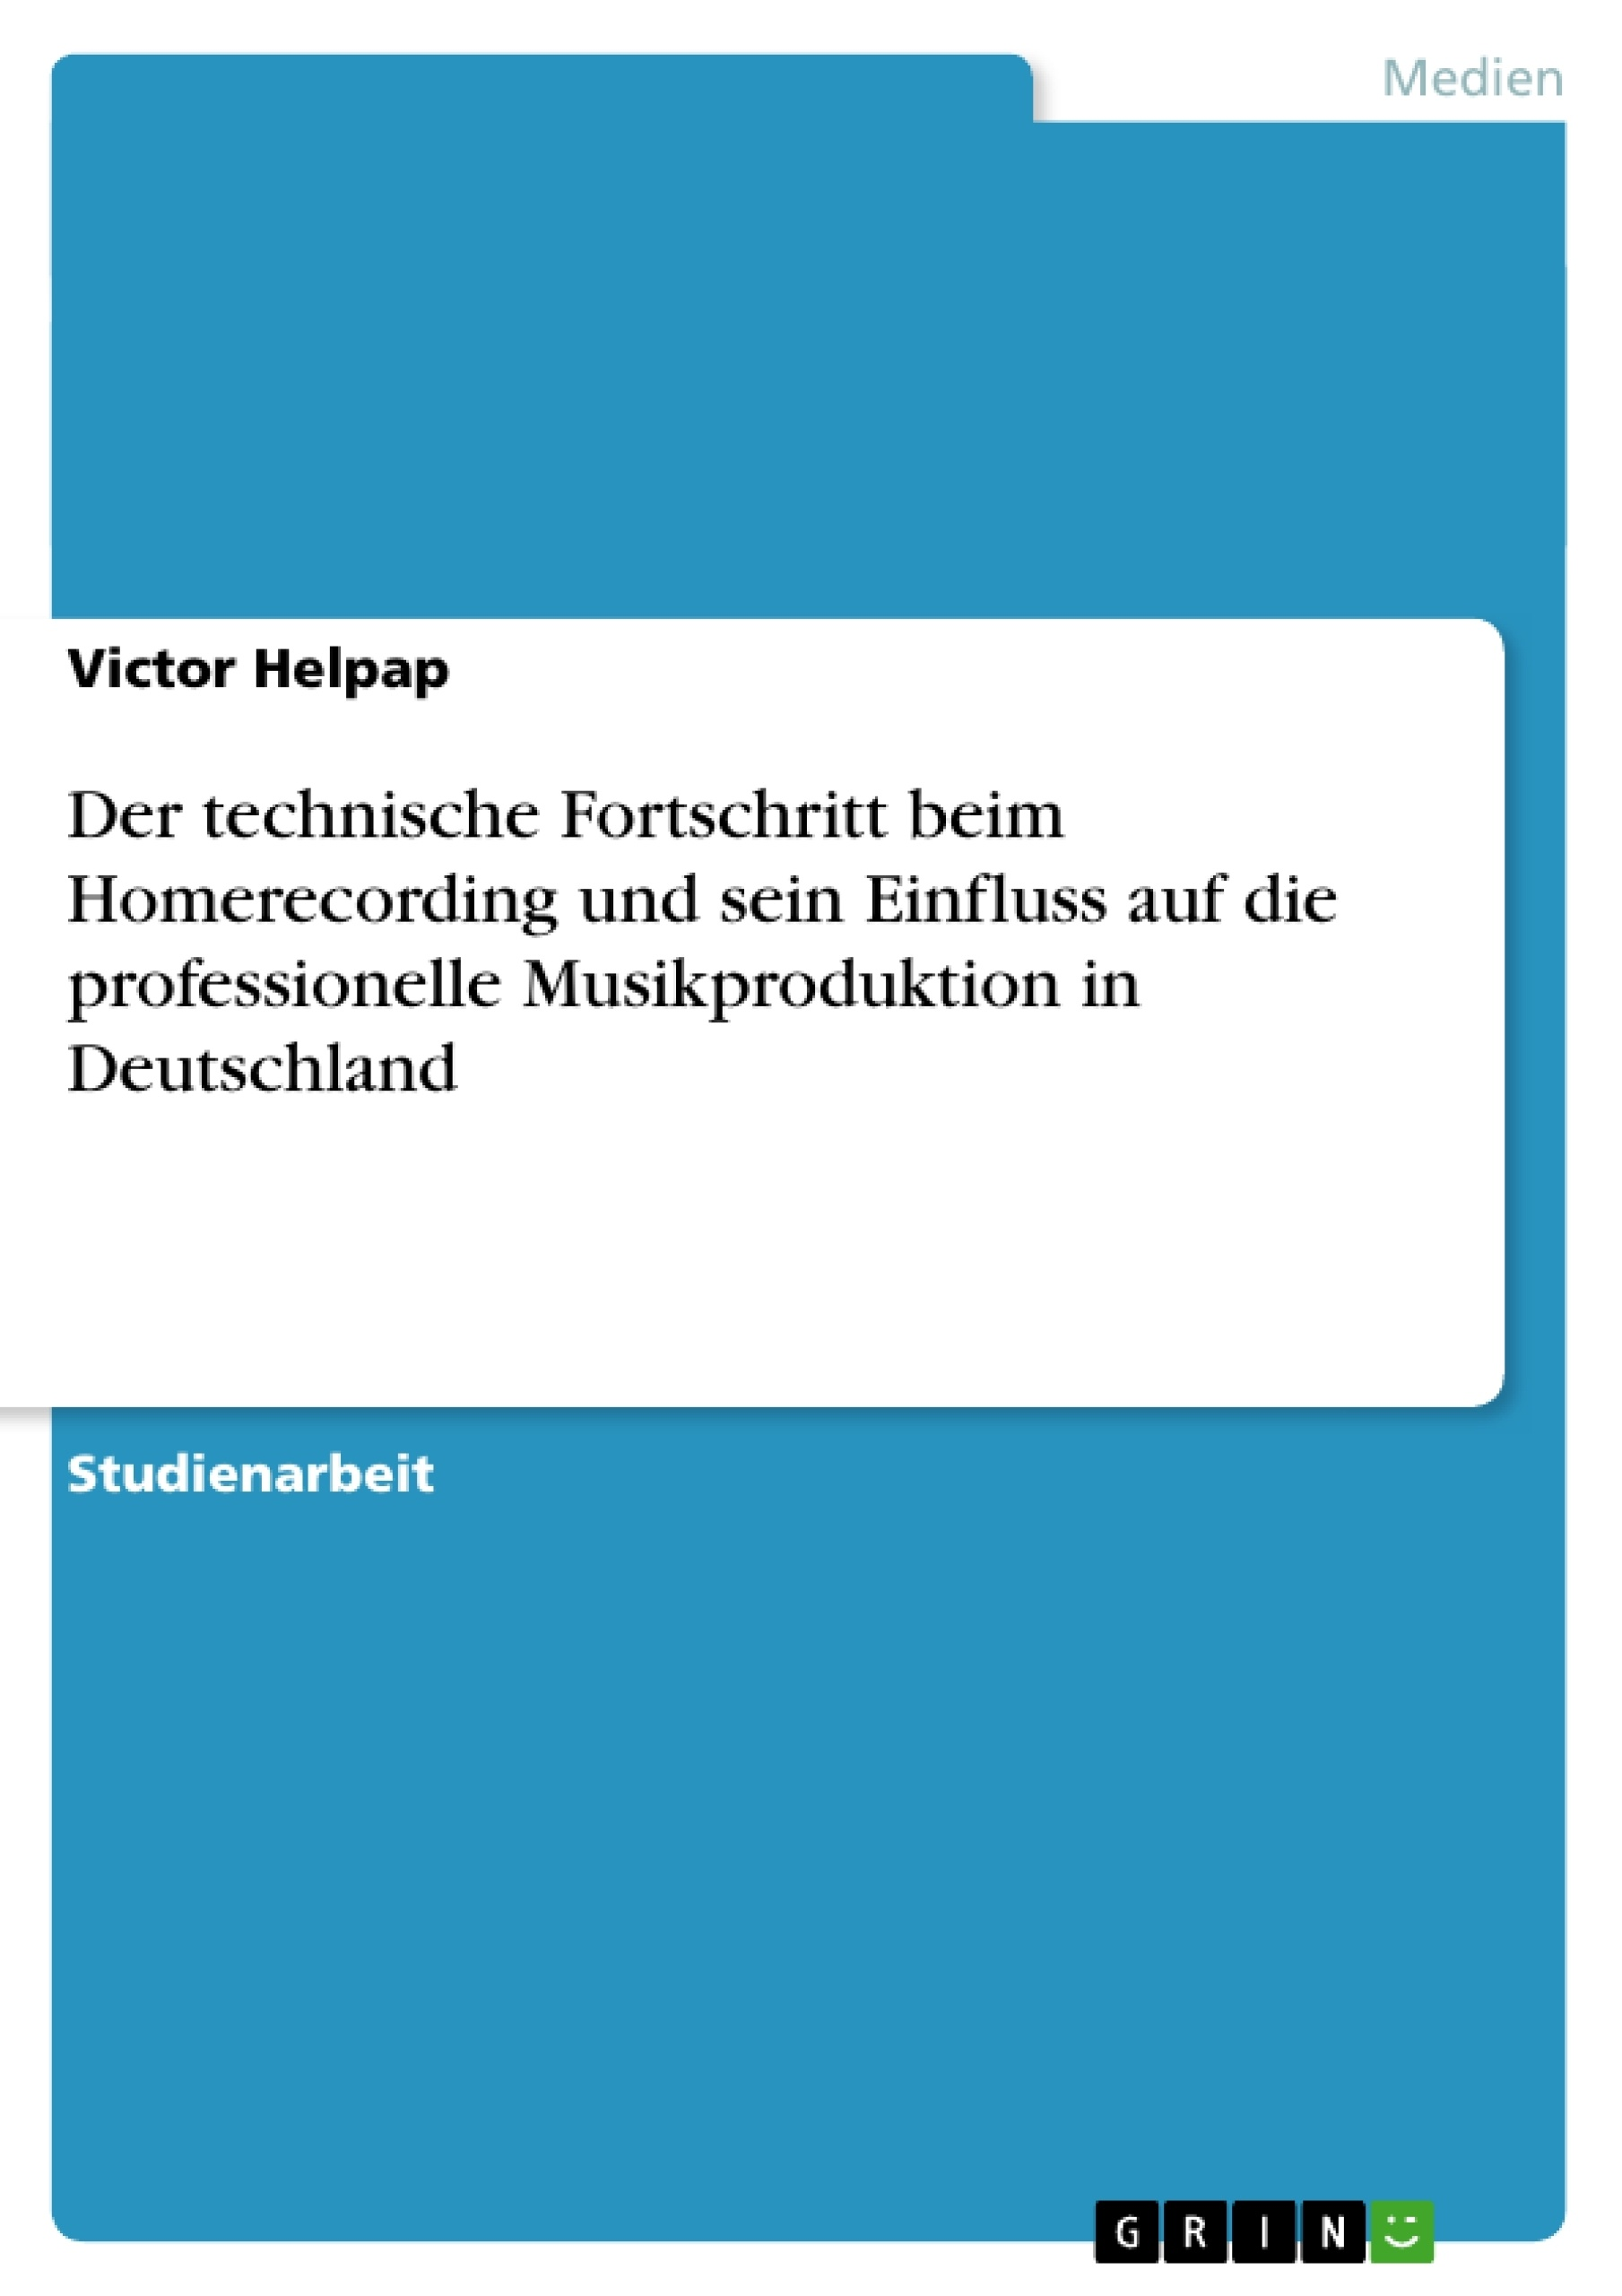 Titel: Der technische Fortschritt beim Homerecording und sein Einfluss auf die professionelle Musikproduktion in Deutschland